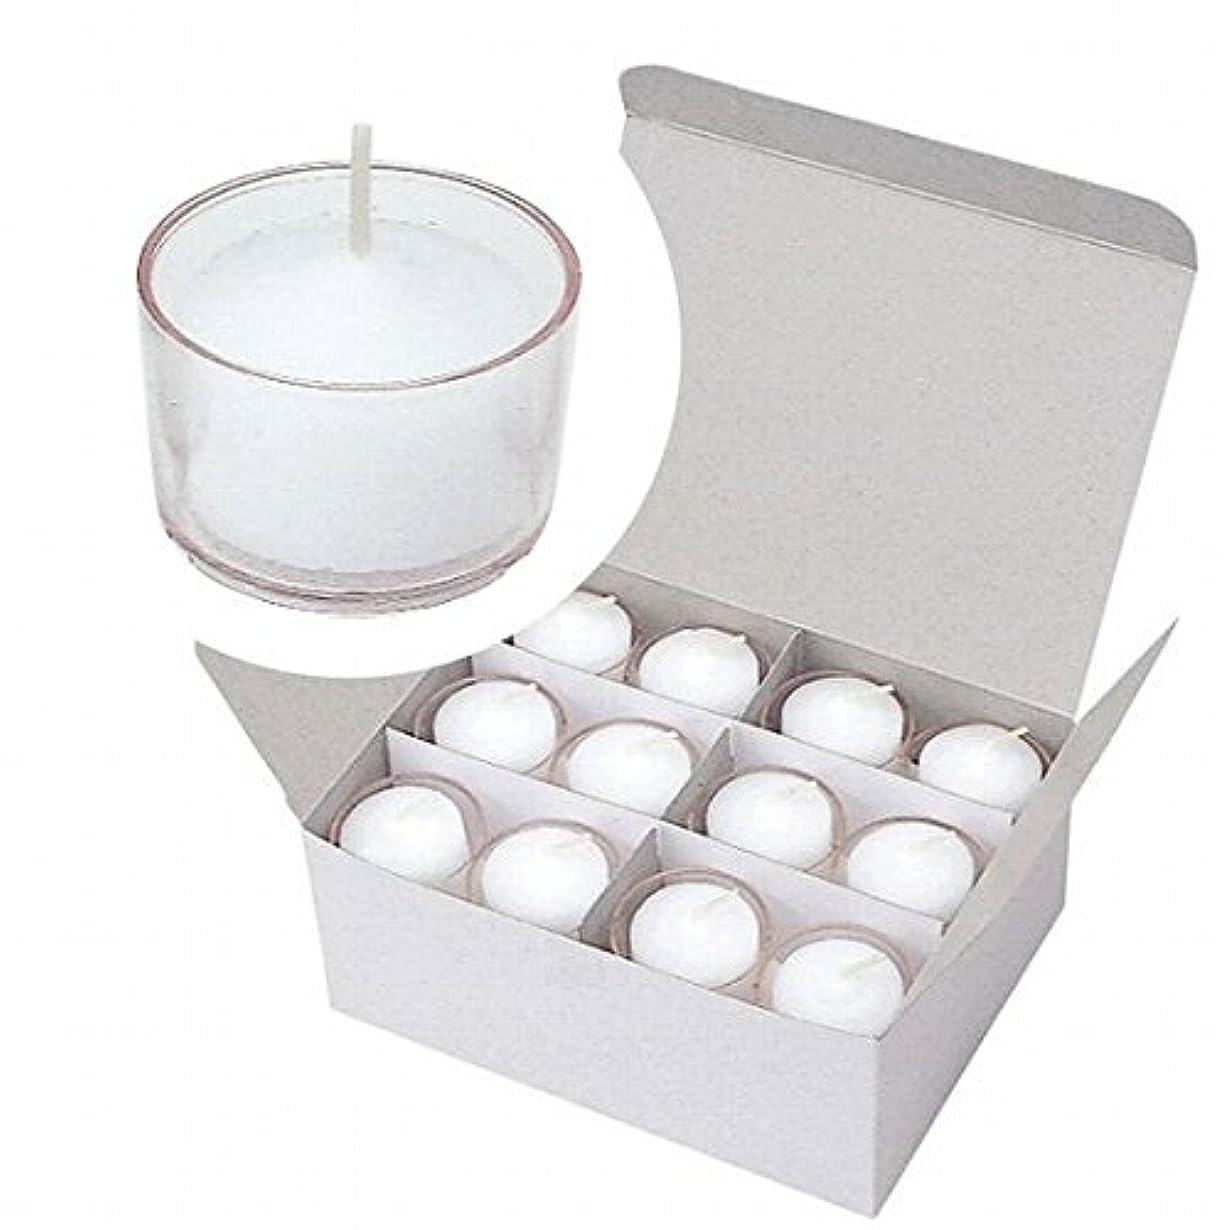 危機ジャンプボーカルカメヤマキャンドル(kameyama candle) クリアカップボーティブ4時間タイプ 24個入り 「 クリア 」